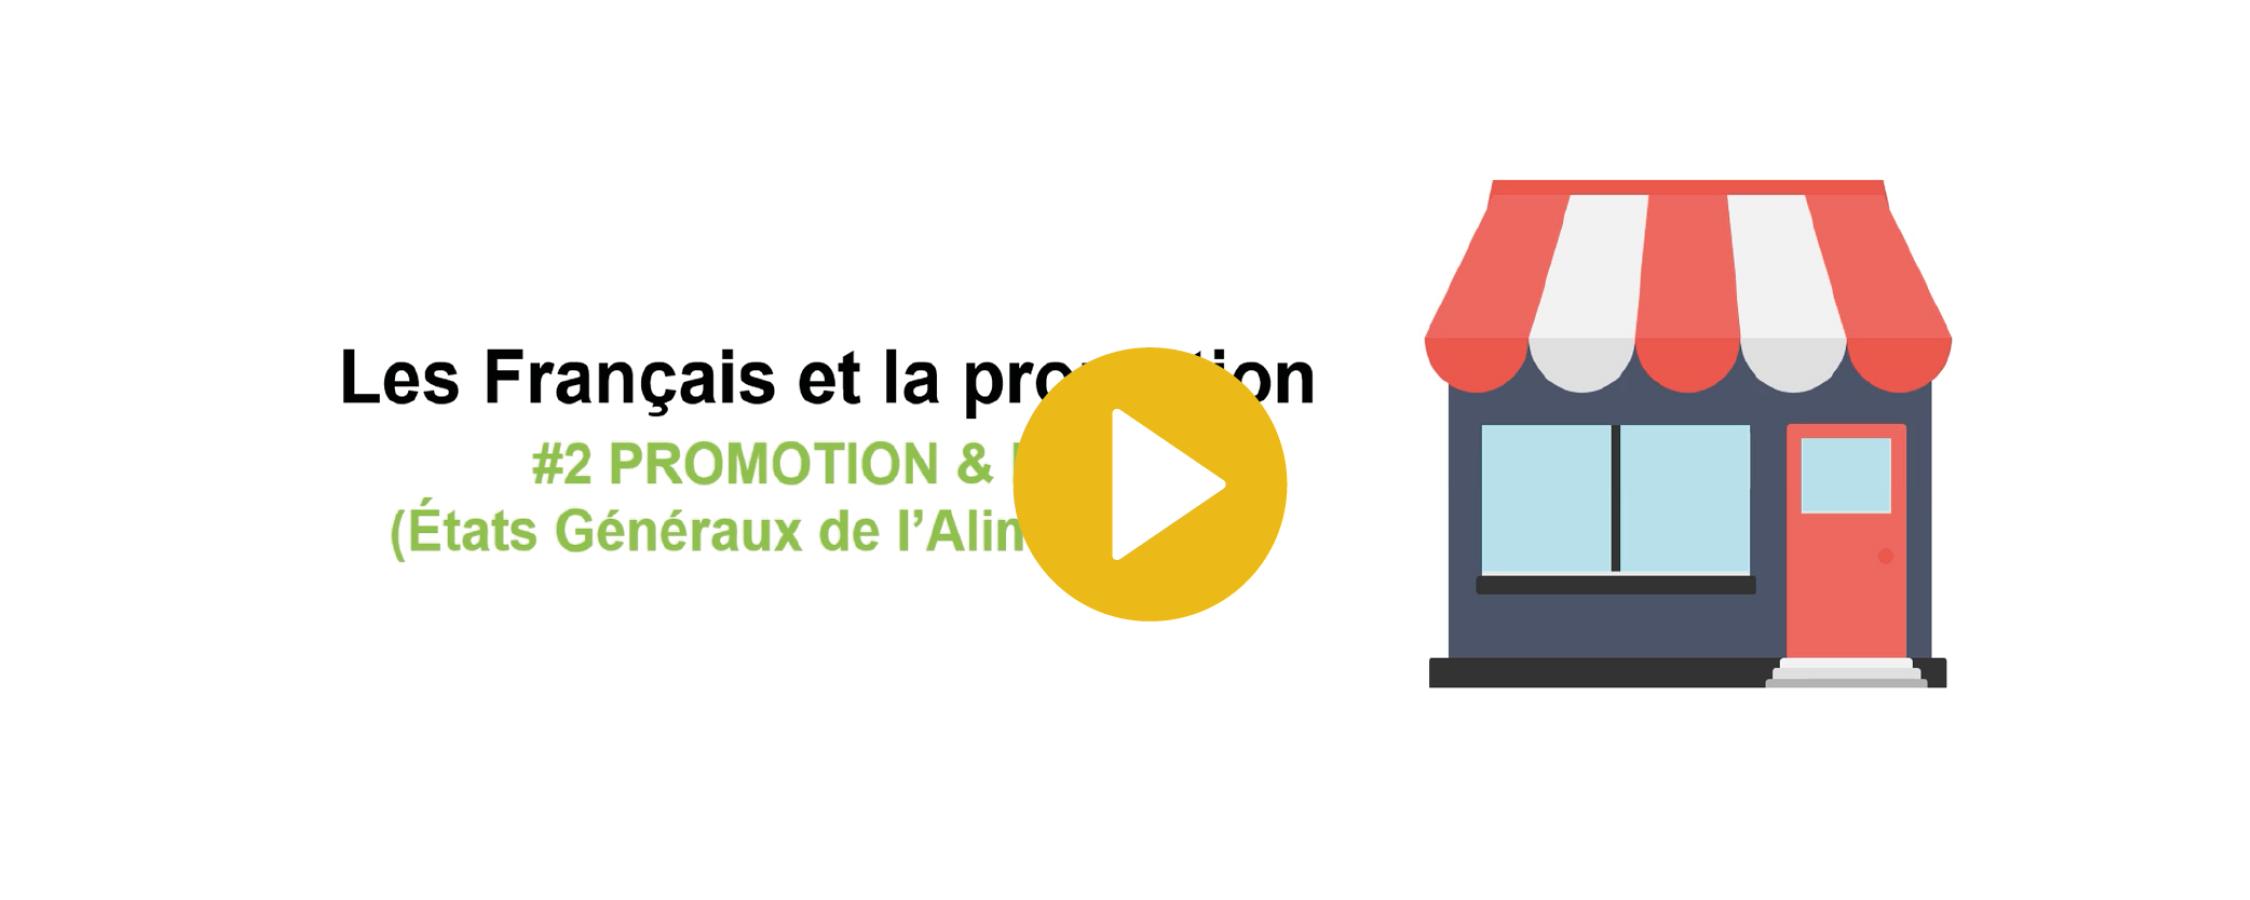 Les Français et la promotion (EGA)